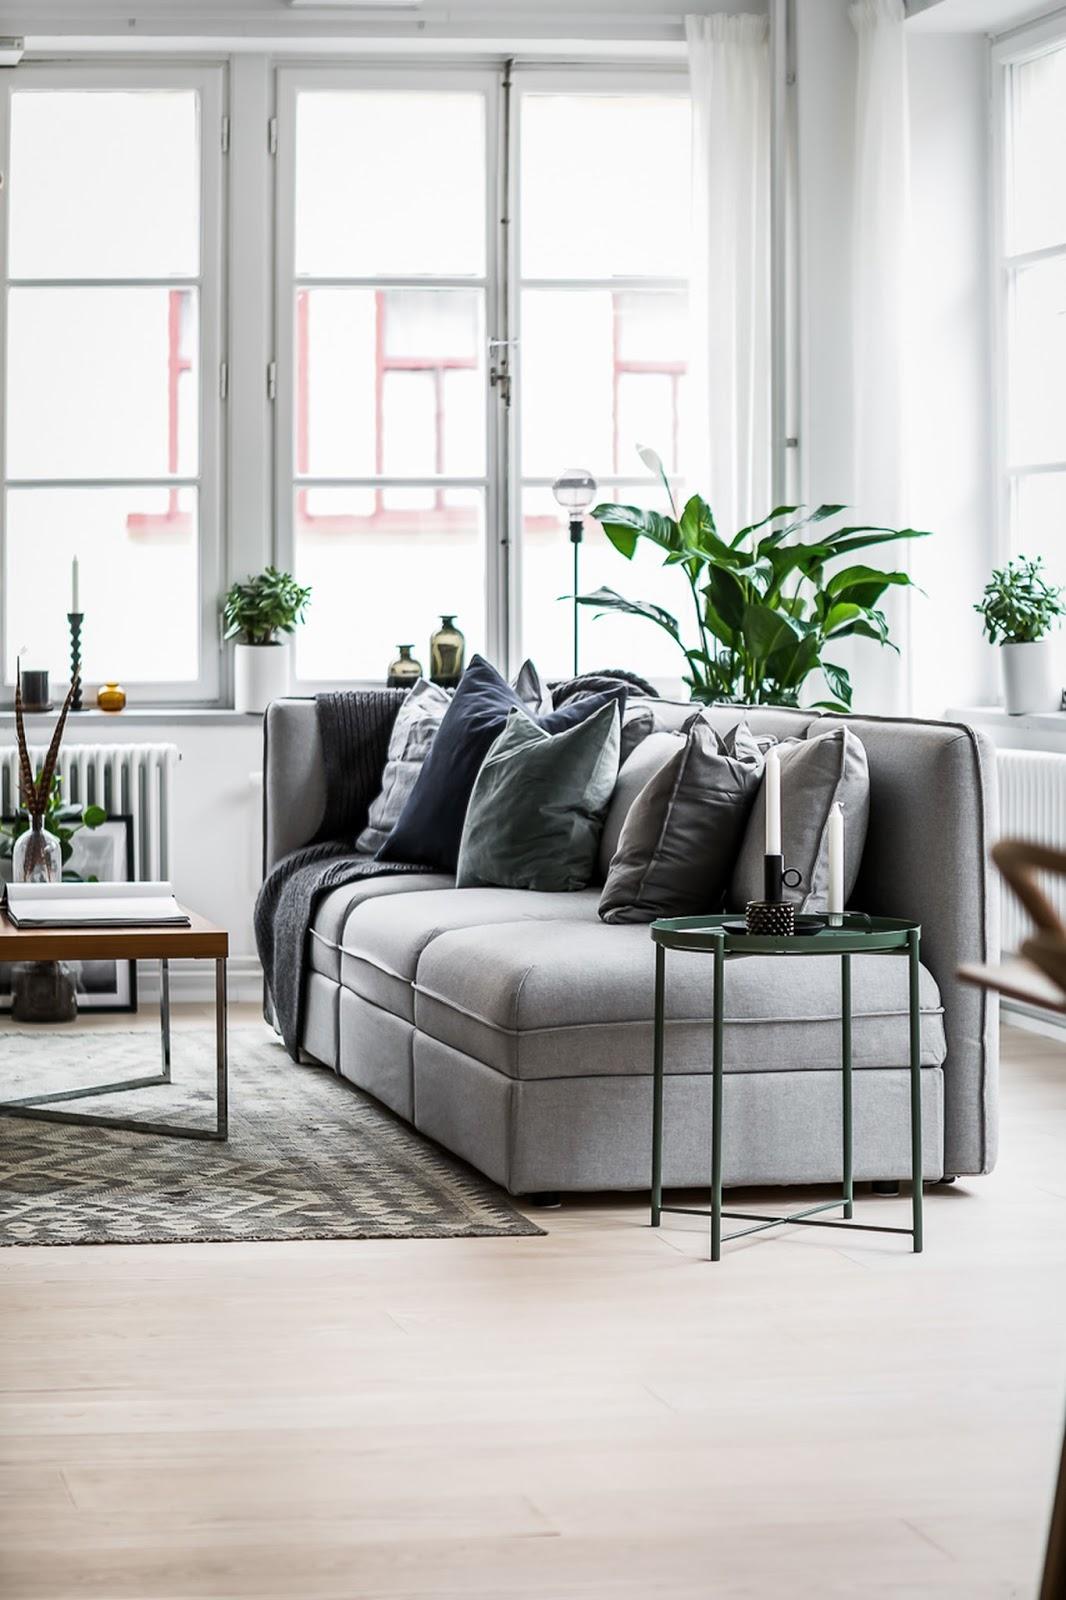 Se llama estilo 3 en 1 cocina comedor y sala de estar for Sala de estar estancia cocina abierta